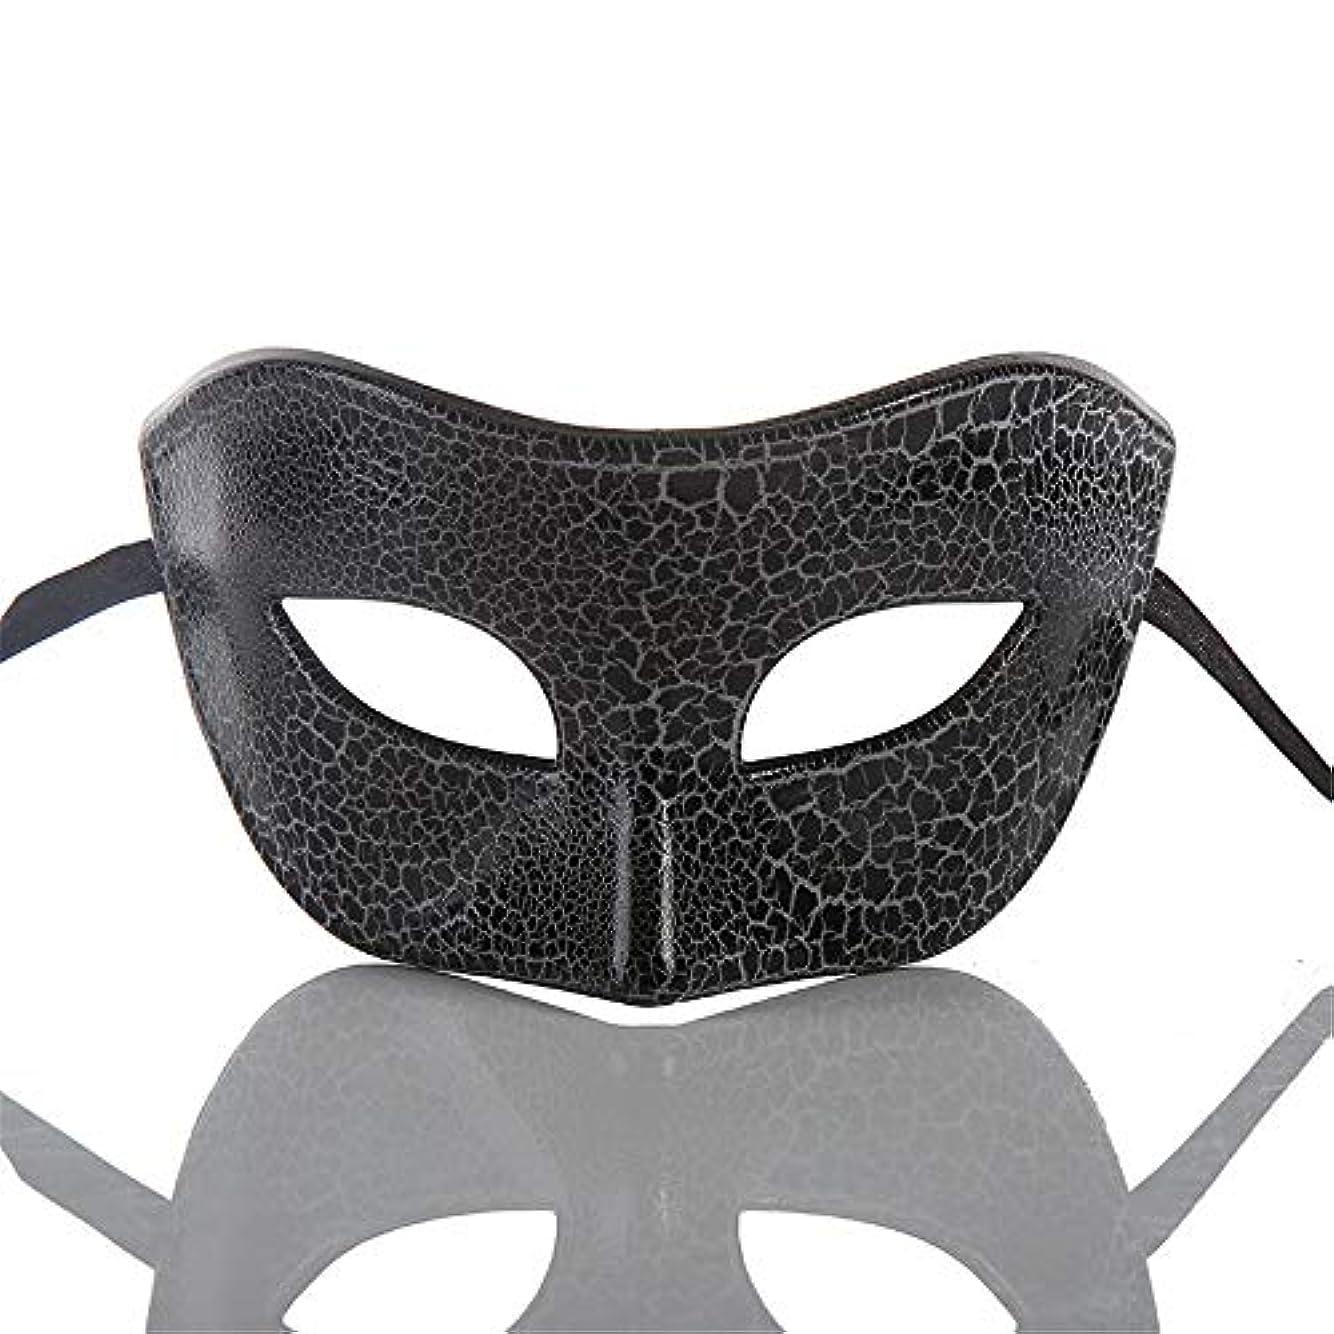 塩インレイ結婚するダンスマスク ハーフマスク新しいハロウィーンマスク仮装レトロコスプレメイクナイトクラブマスク雰囲気クリスマスお祝いプラスチックマスク ホリデーパーティー用品 (色 : ブラック, サイズ : 16.5x8cm)